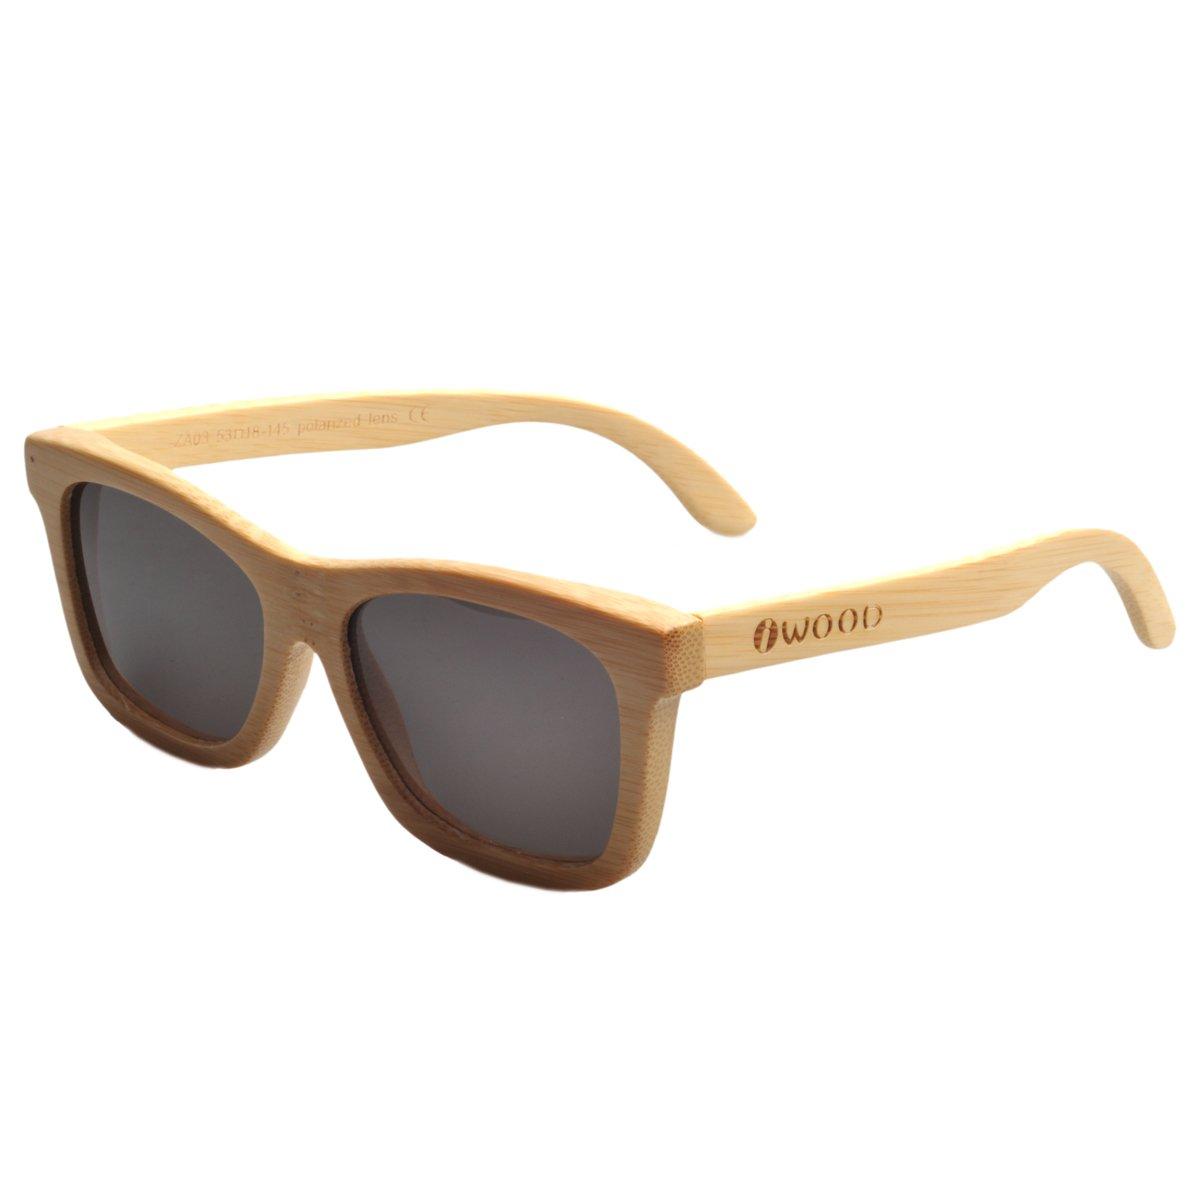 Iwood Handcrafted Moda de bambú Natural Marcos Gris lente polarizada Gafas de sol de madera: Amazon.es: Deportes y aire libre